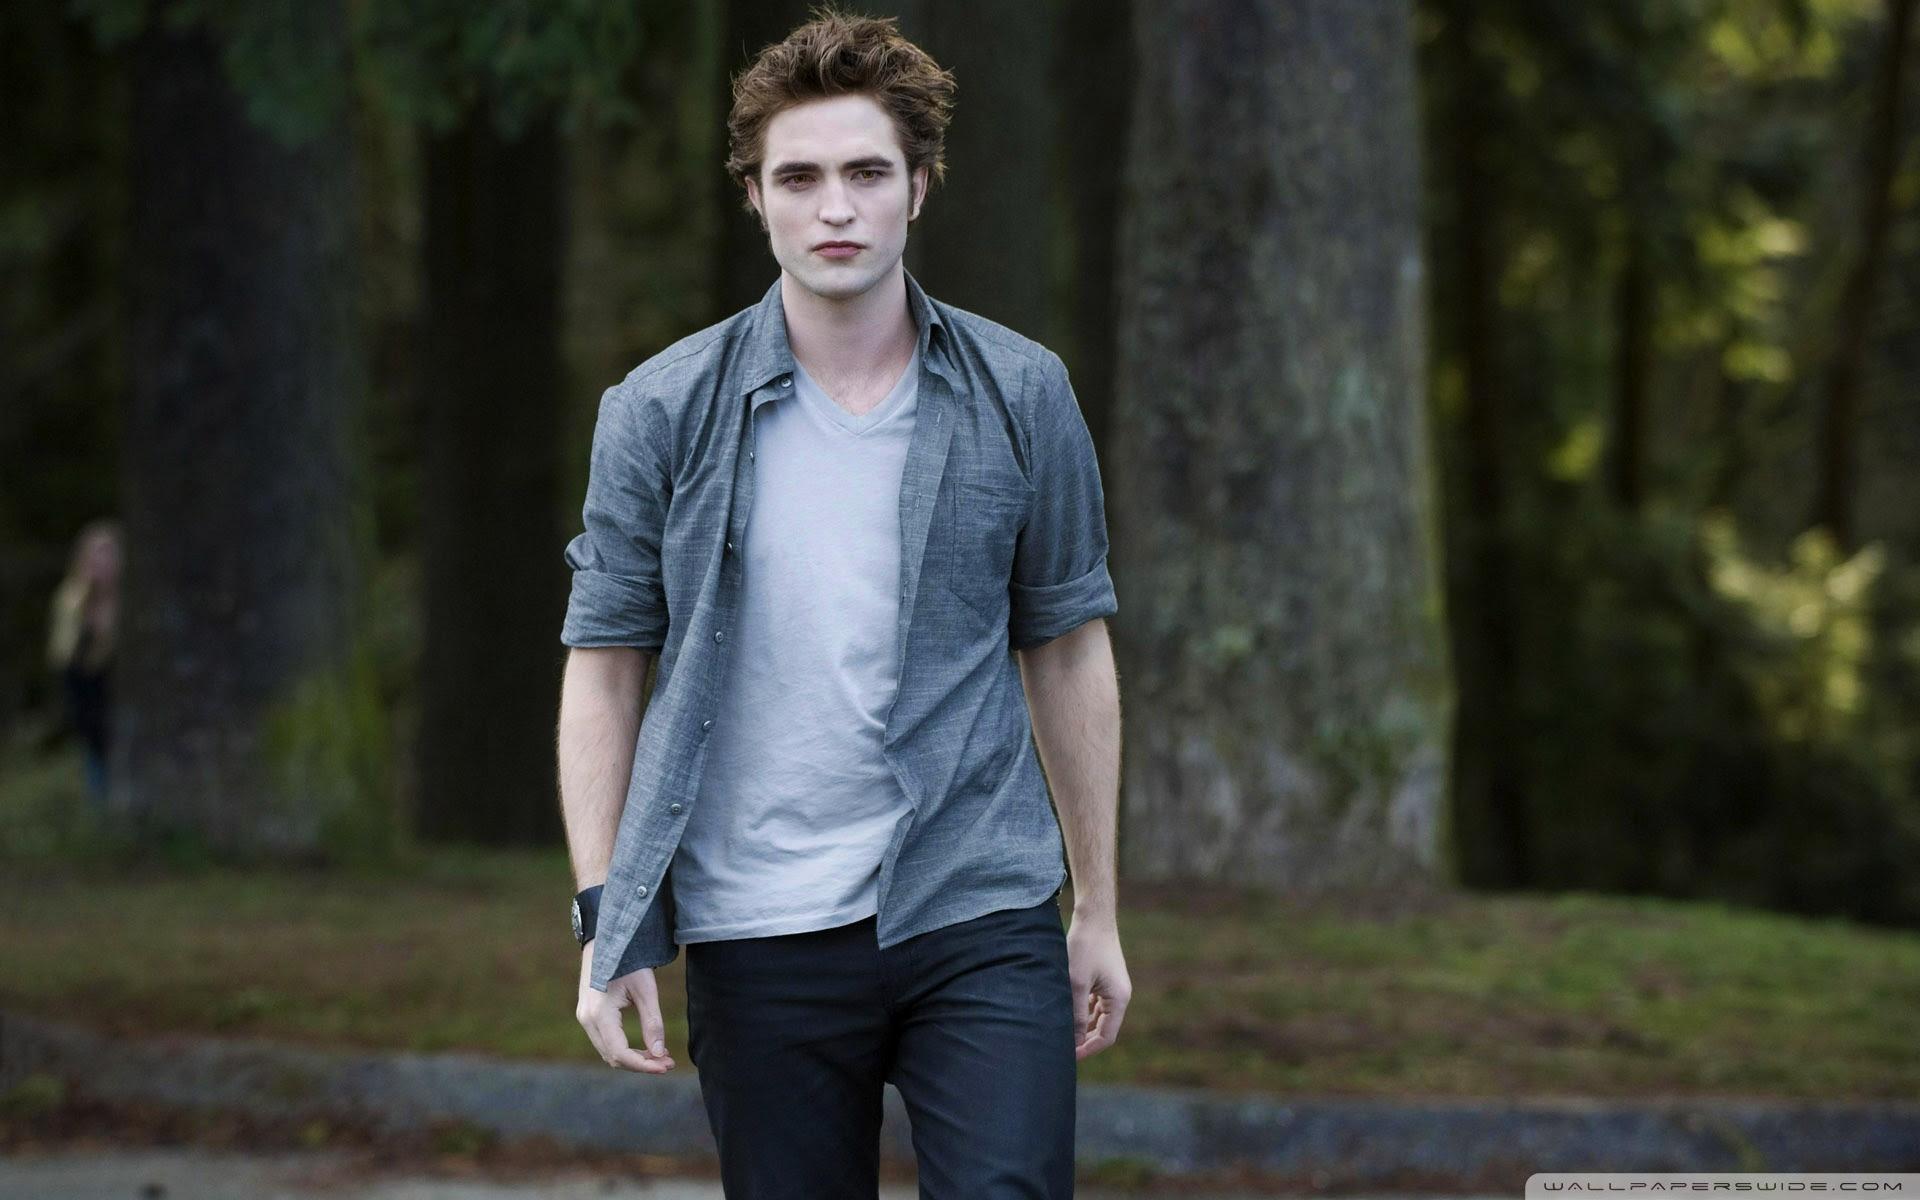 Edward Cullen Twilight Ultra Hd Desktop Background Wallpaper For